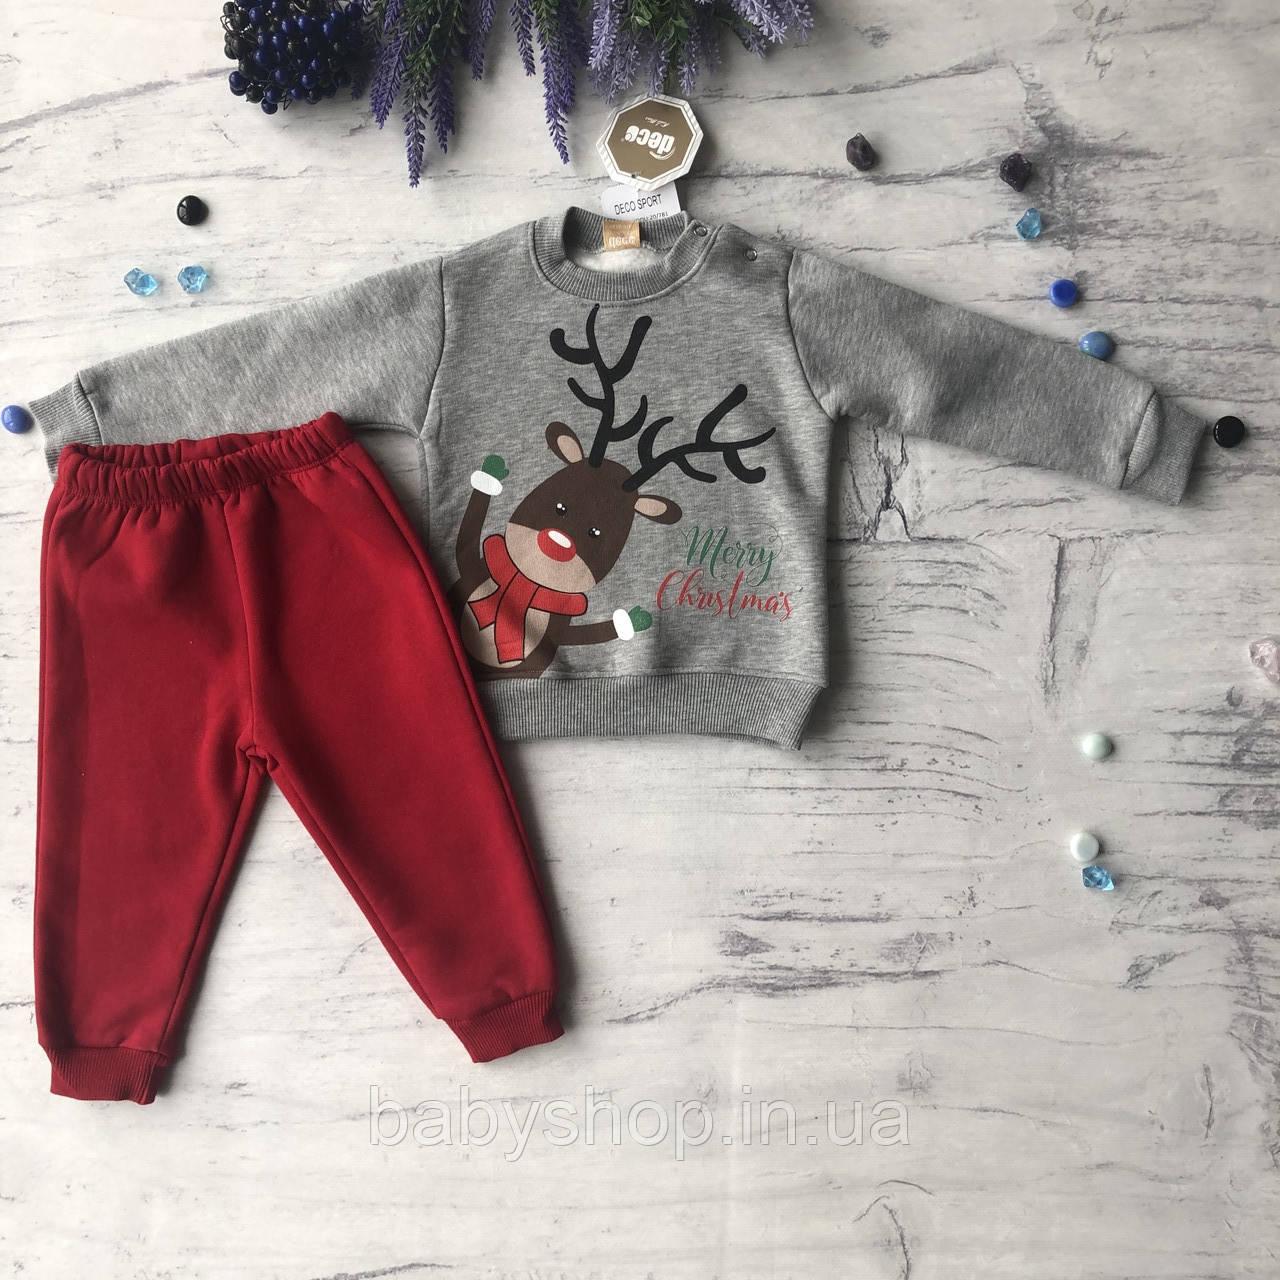 Теплий новорічний костюм на хлопчика і дівчинку 8. Розмір 68 см, 74 см, 80 см, 86 см